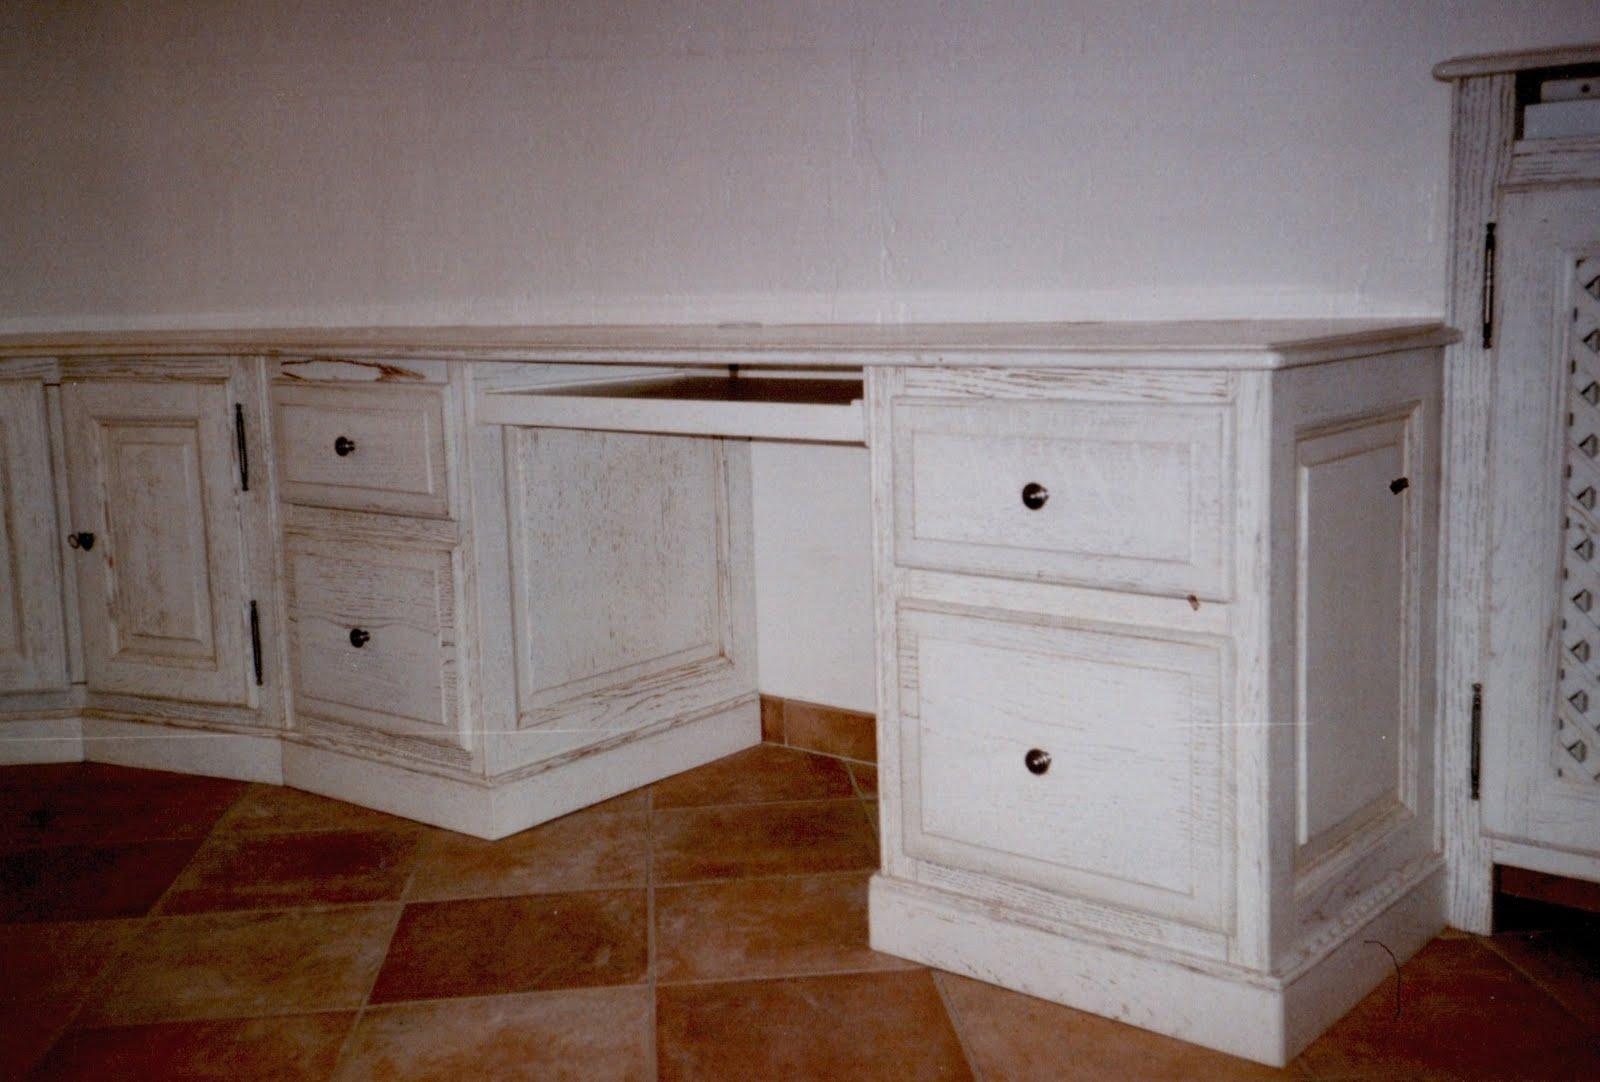 Menuiserie vanin bureau d 39 angle avec tablette r alis e en for Bureau d angle en bois massif